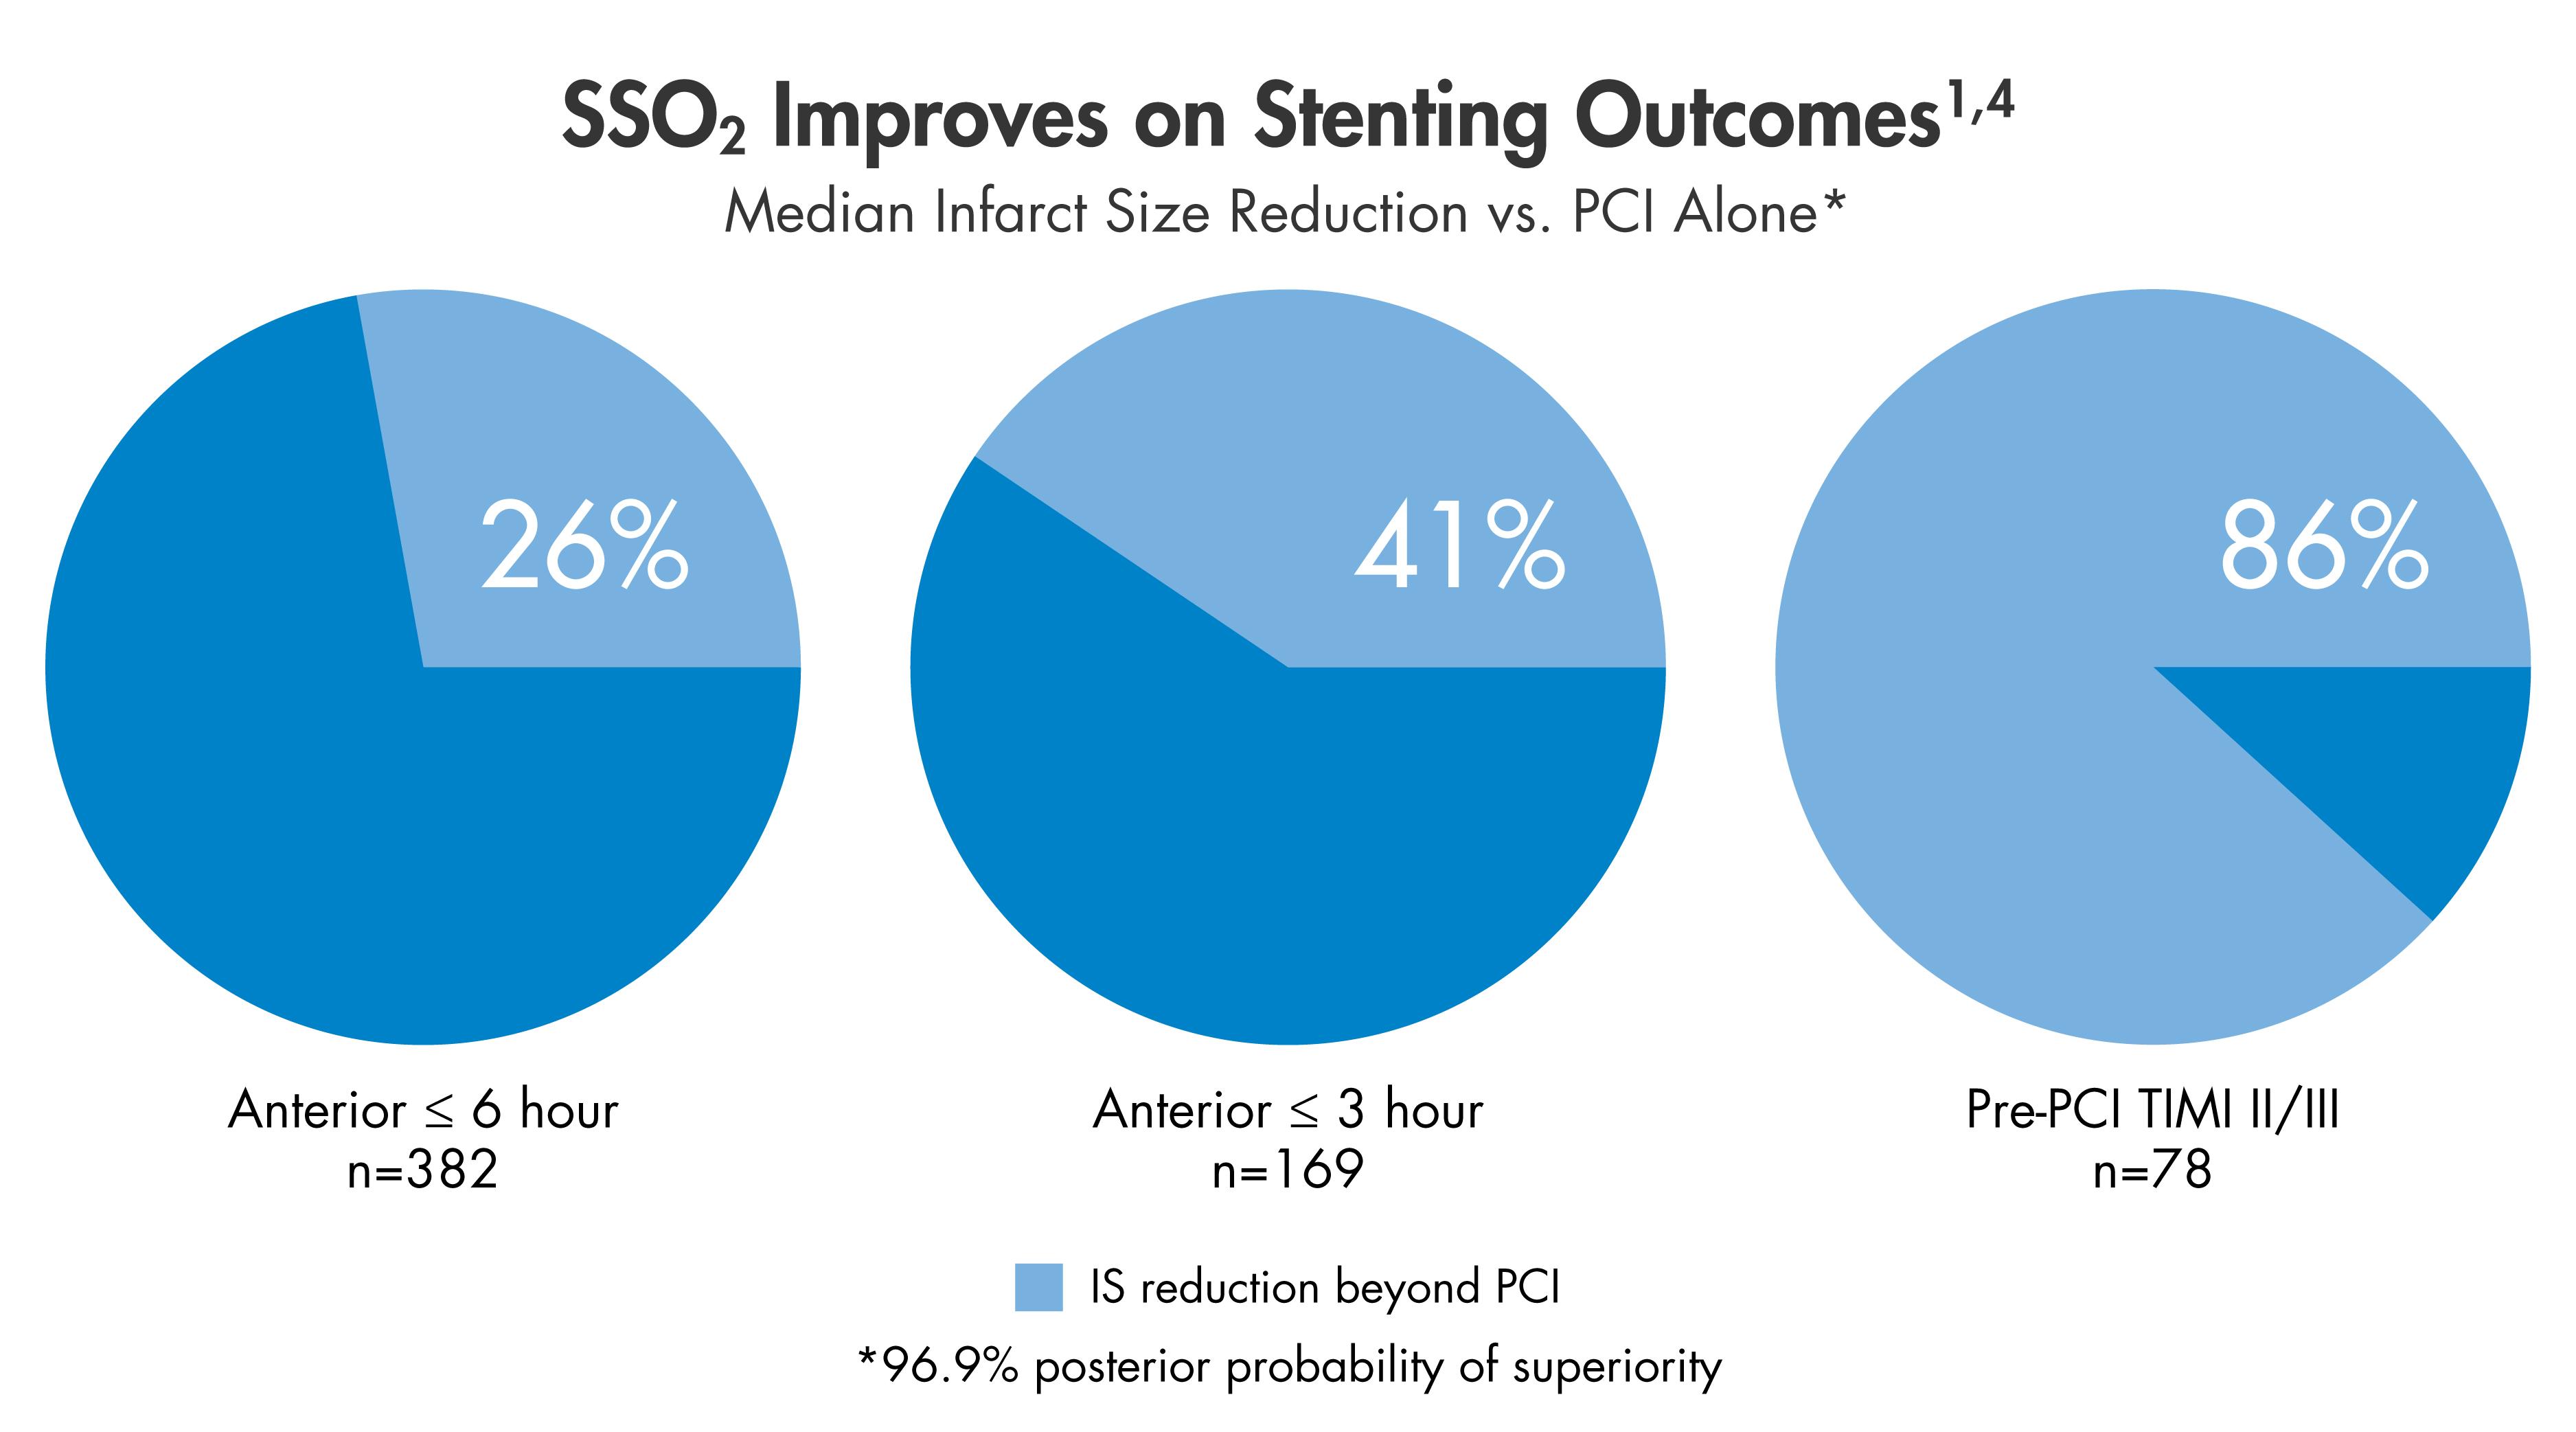 SSO2 Stenting Outcomes